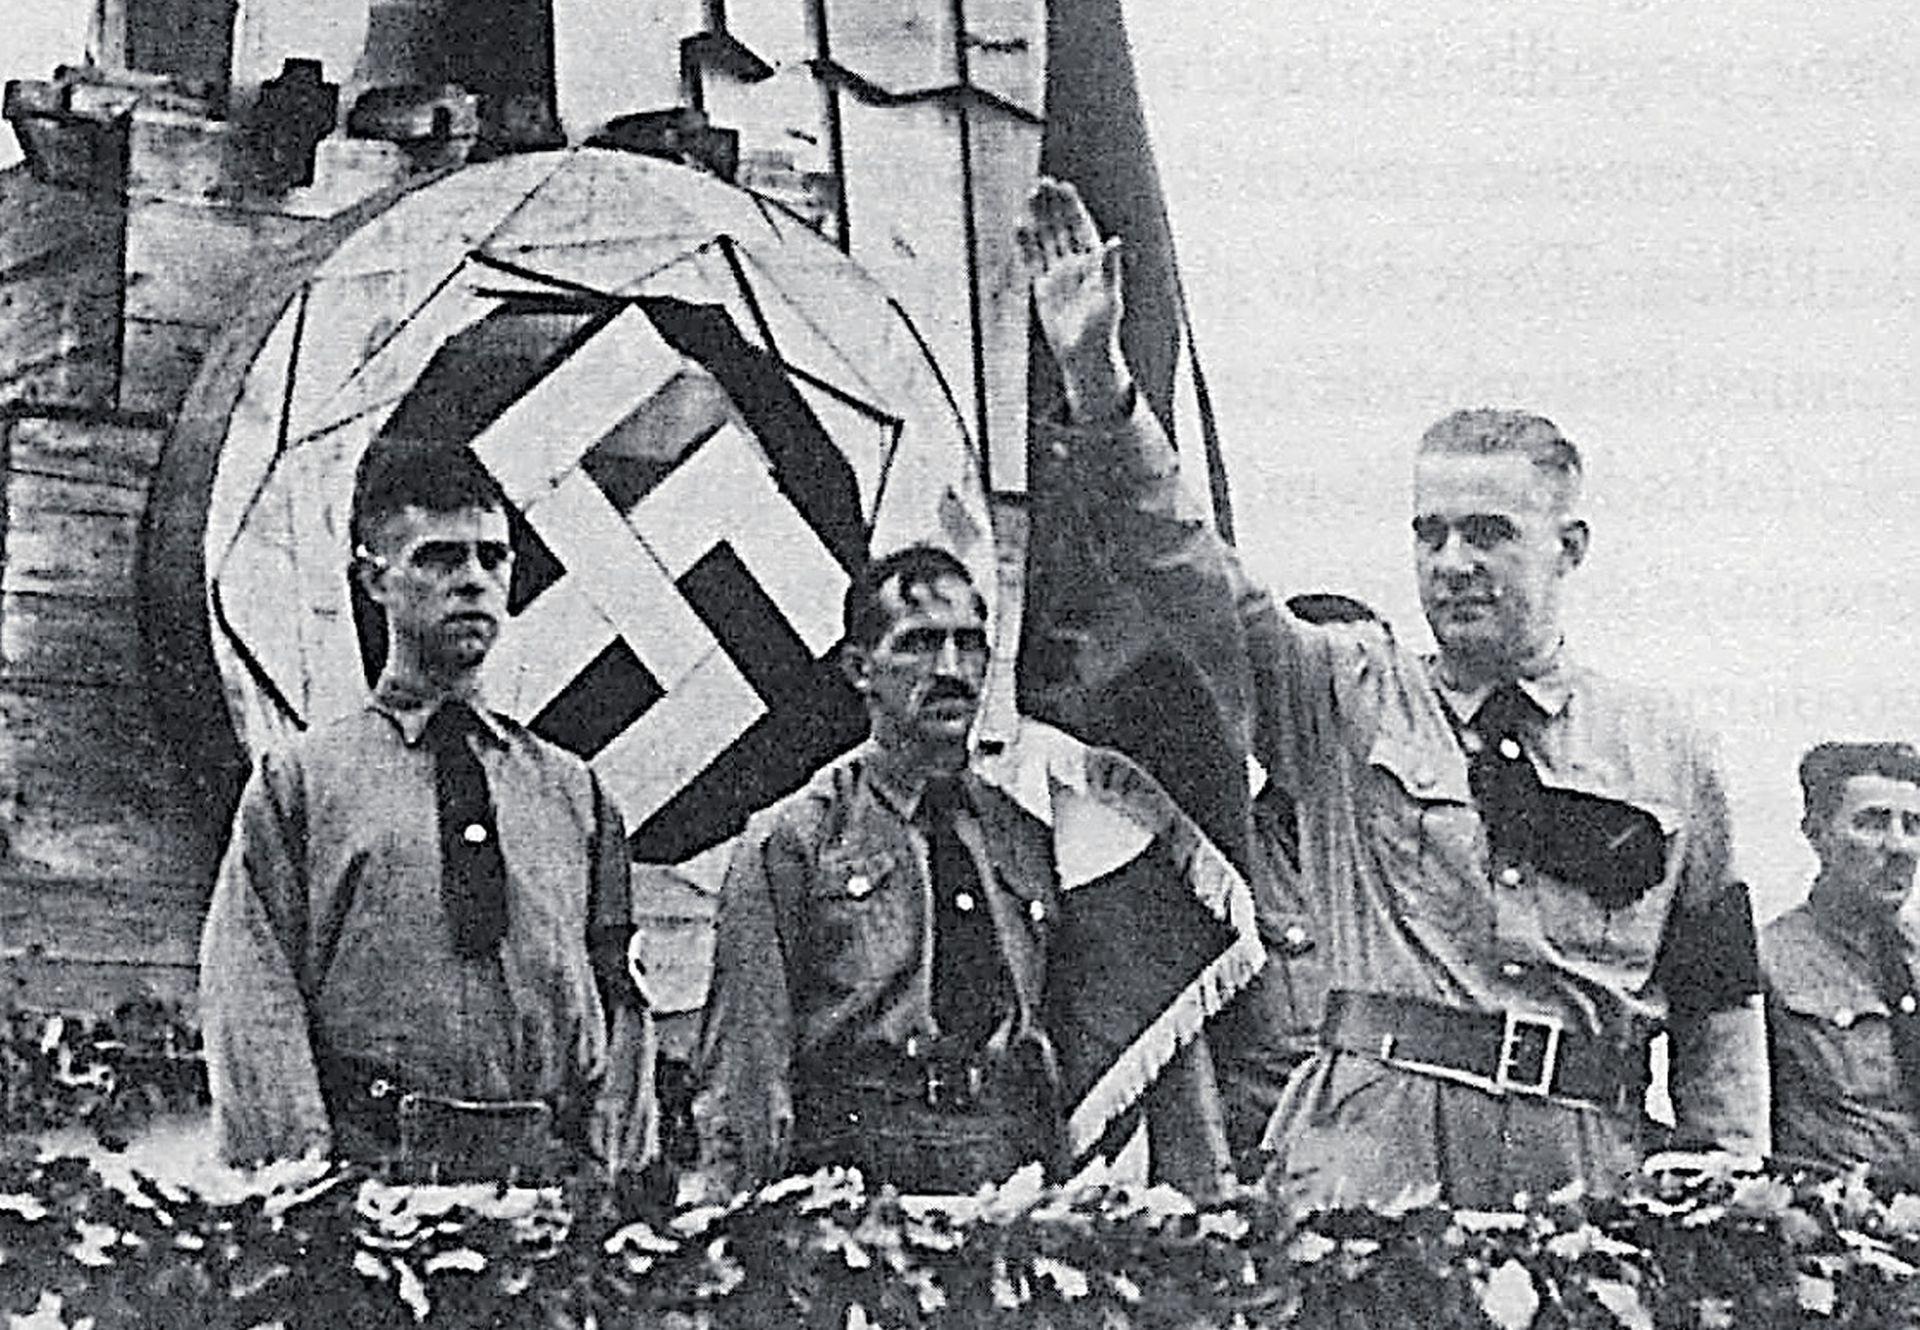 'Globočnik je dokaz da uspon nacionalizma na kraju vodi u rat'